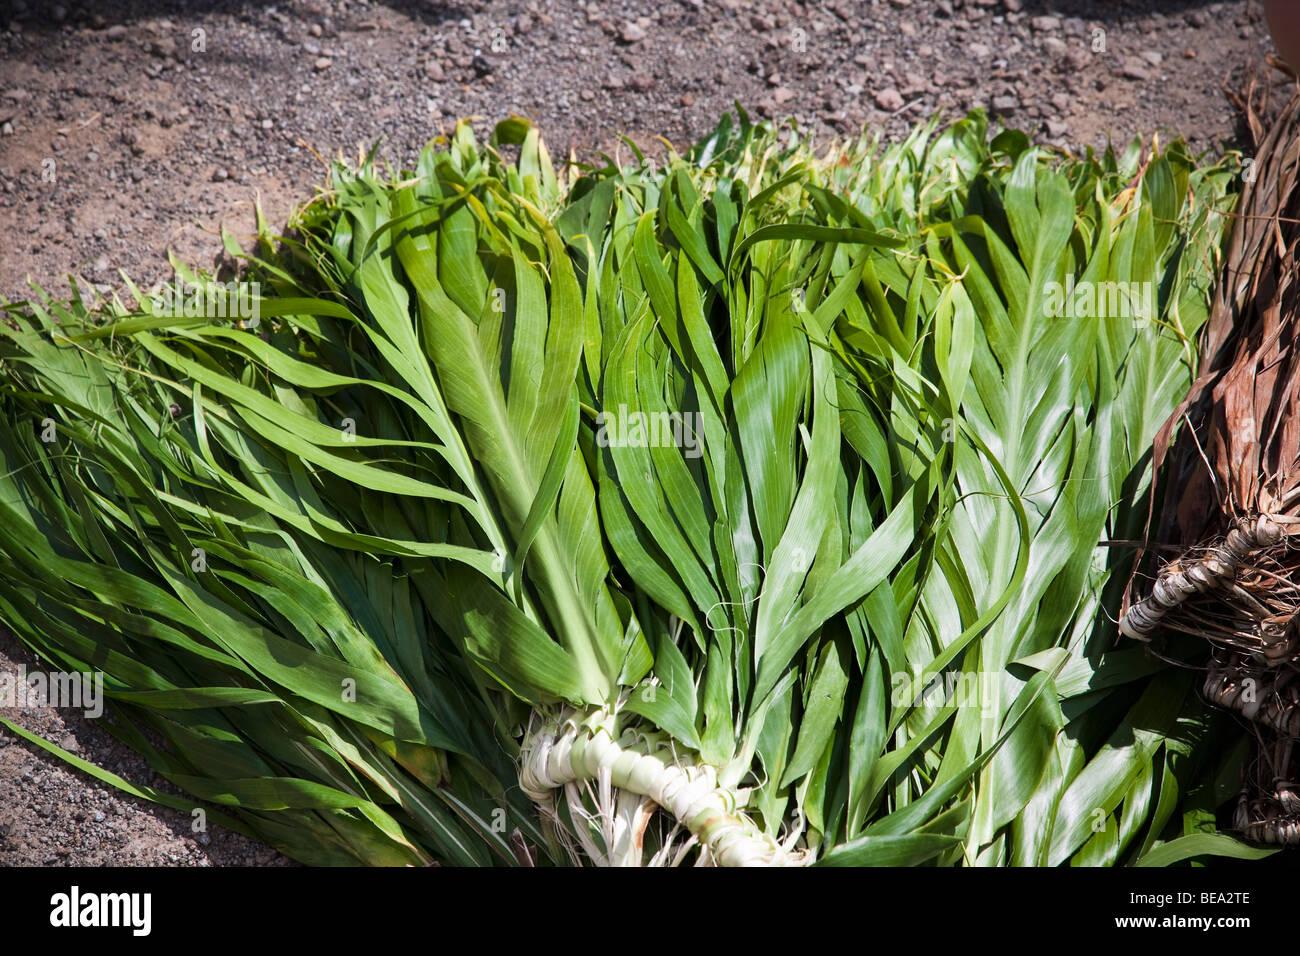 Ti leaf hula skirt - Stock Image